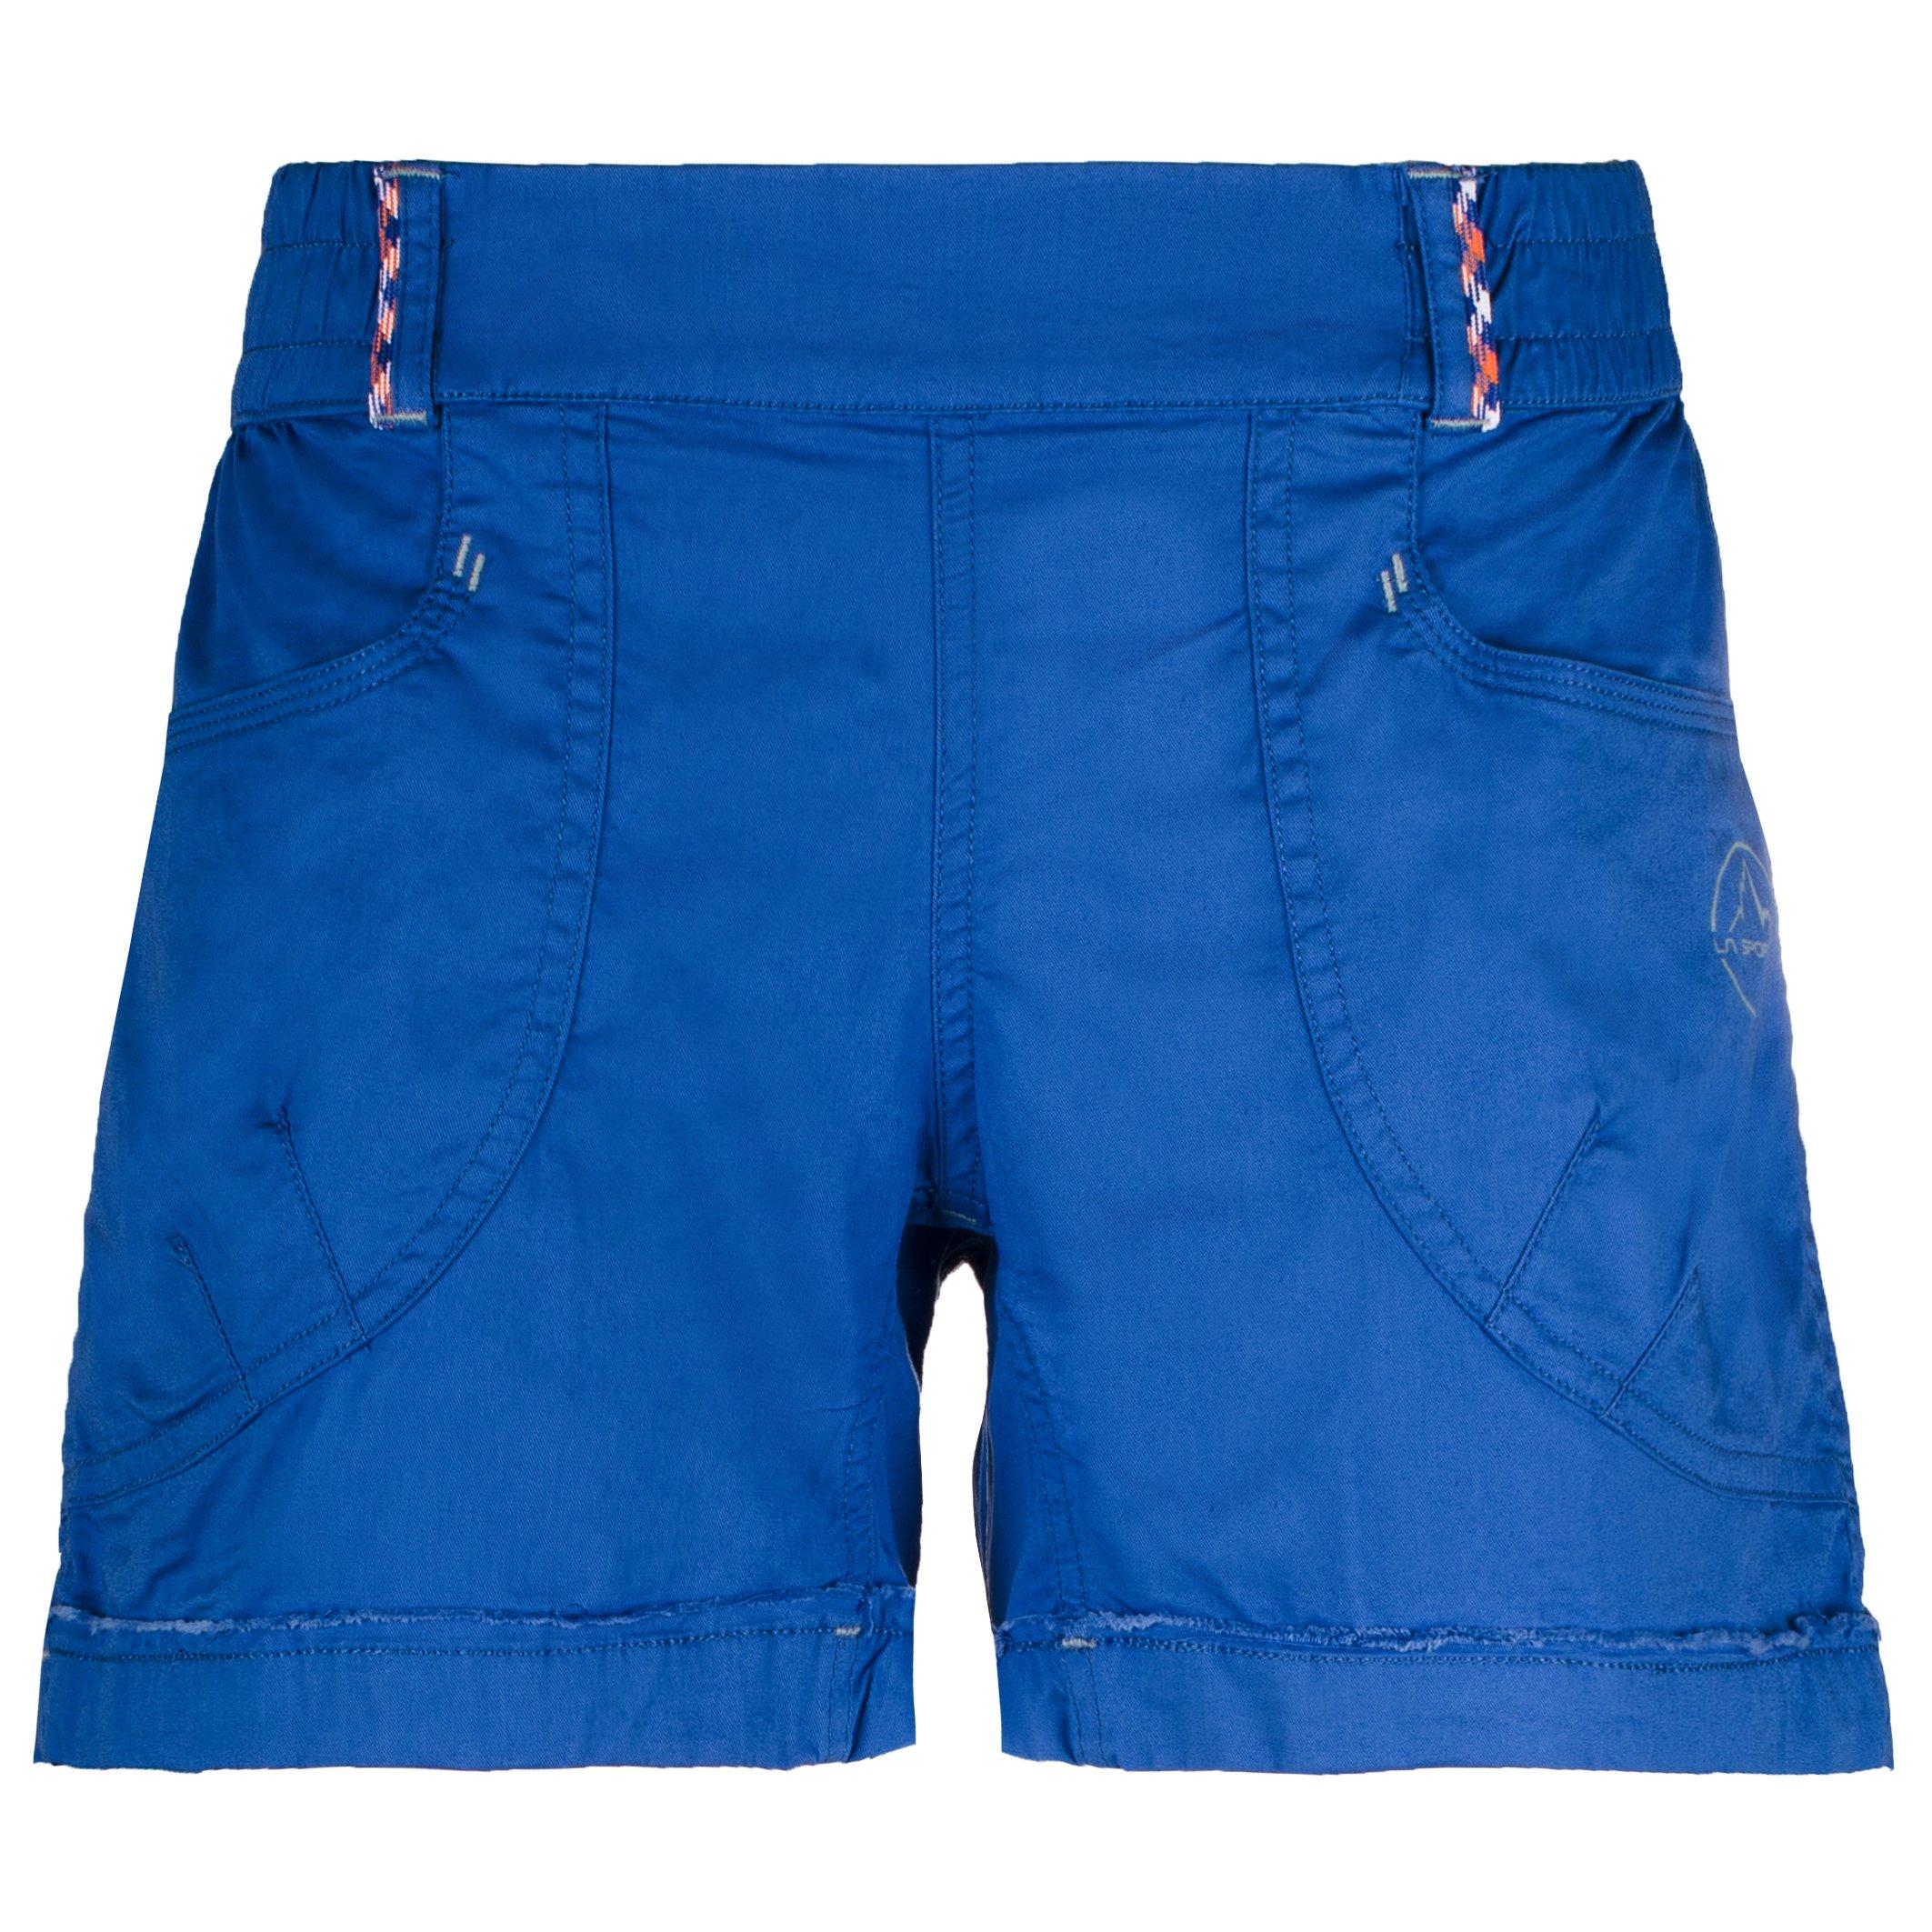 La Sportiva Escape Short - Women's, Cobalt Blue, S by La Sportiva